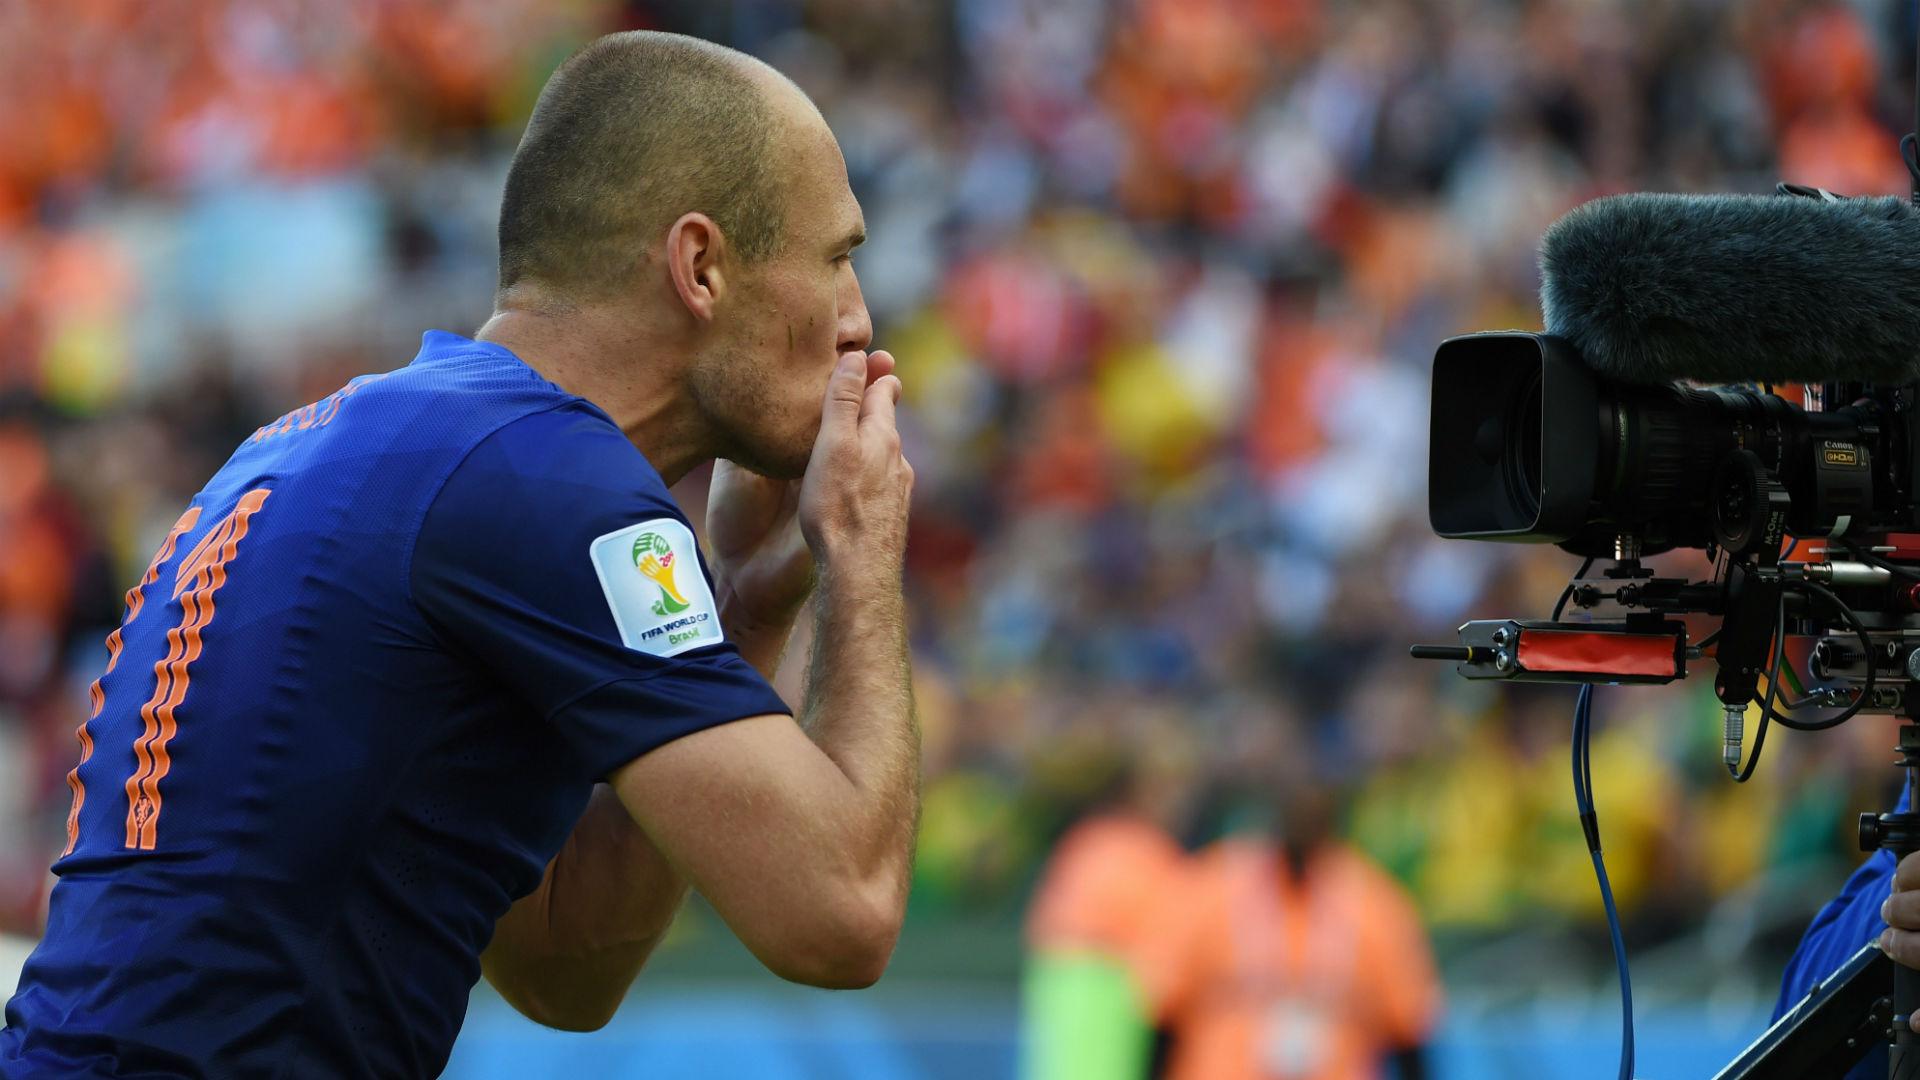 Arjen Robben in 2014 World Cup